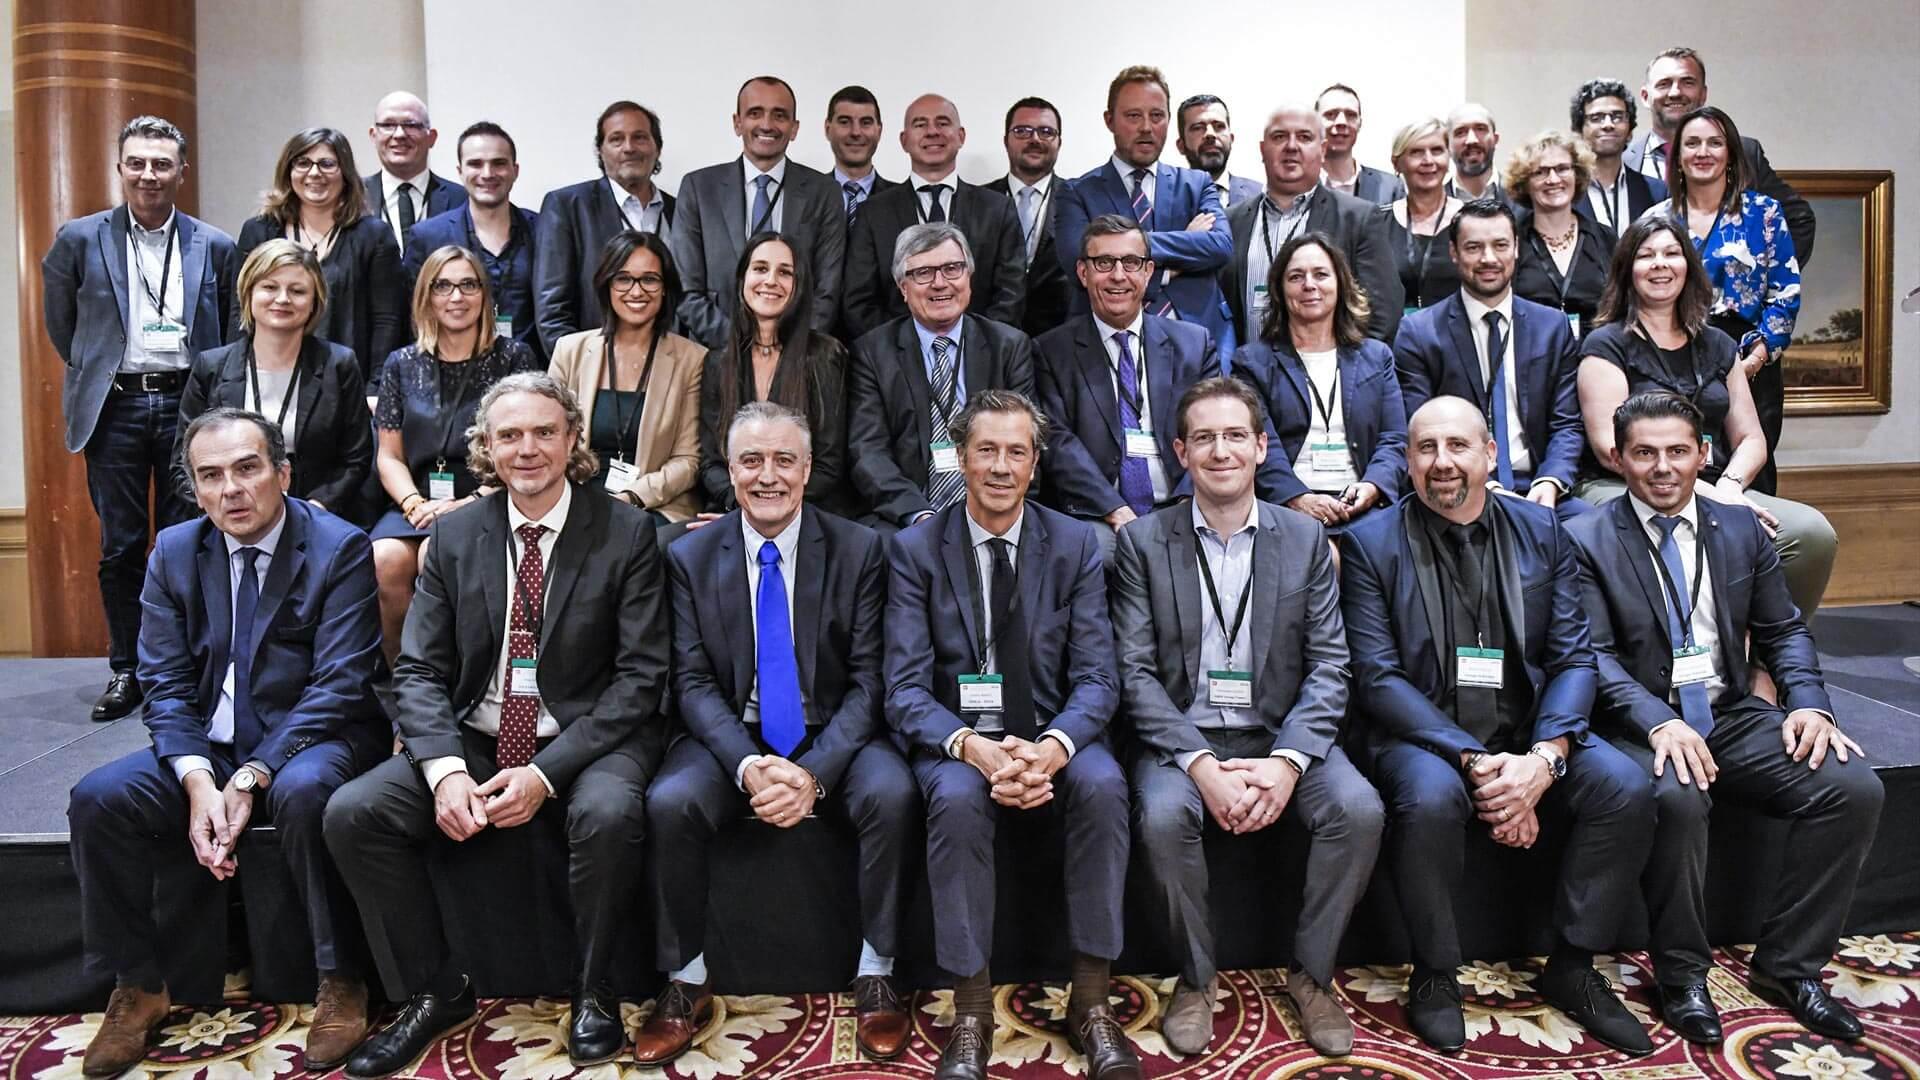 Les Trophées de l'Environnement édition 2018 photo de groupe